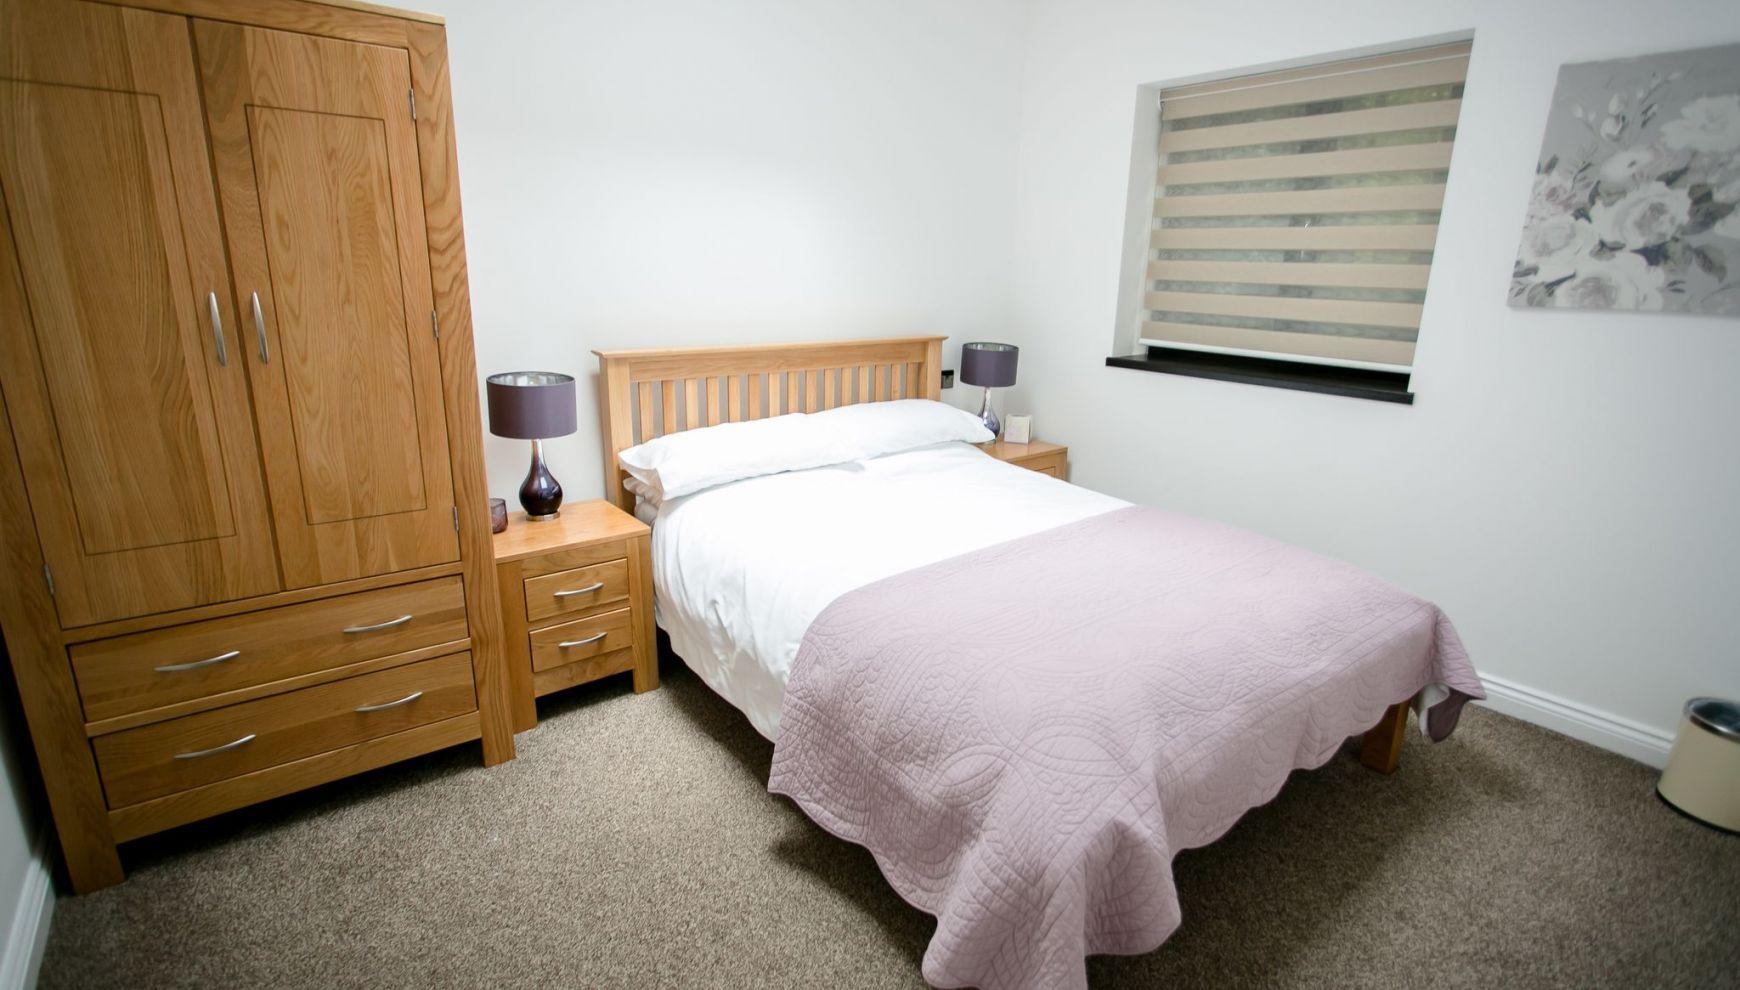 10/15 Double Bedroom